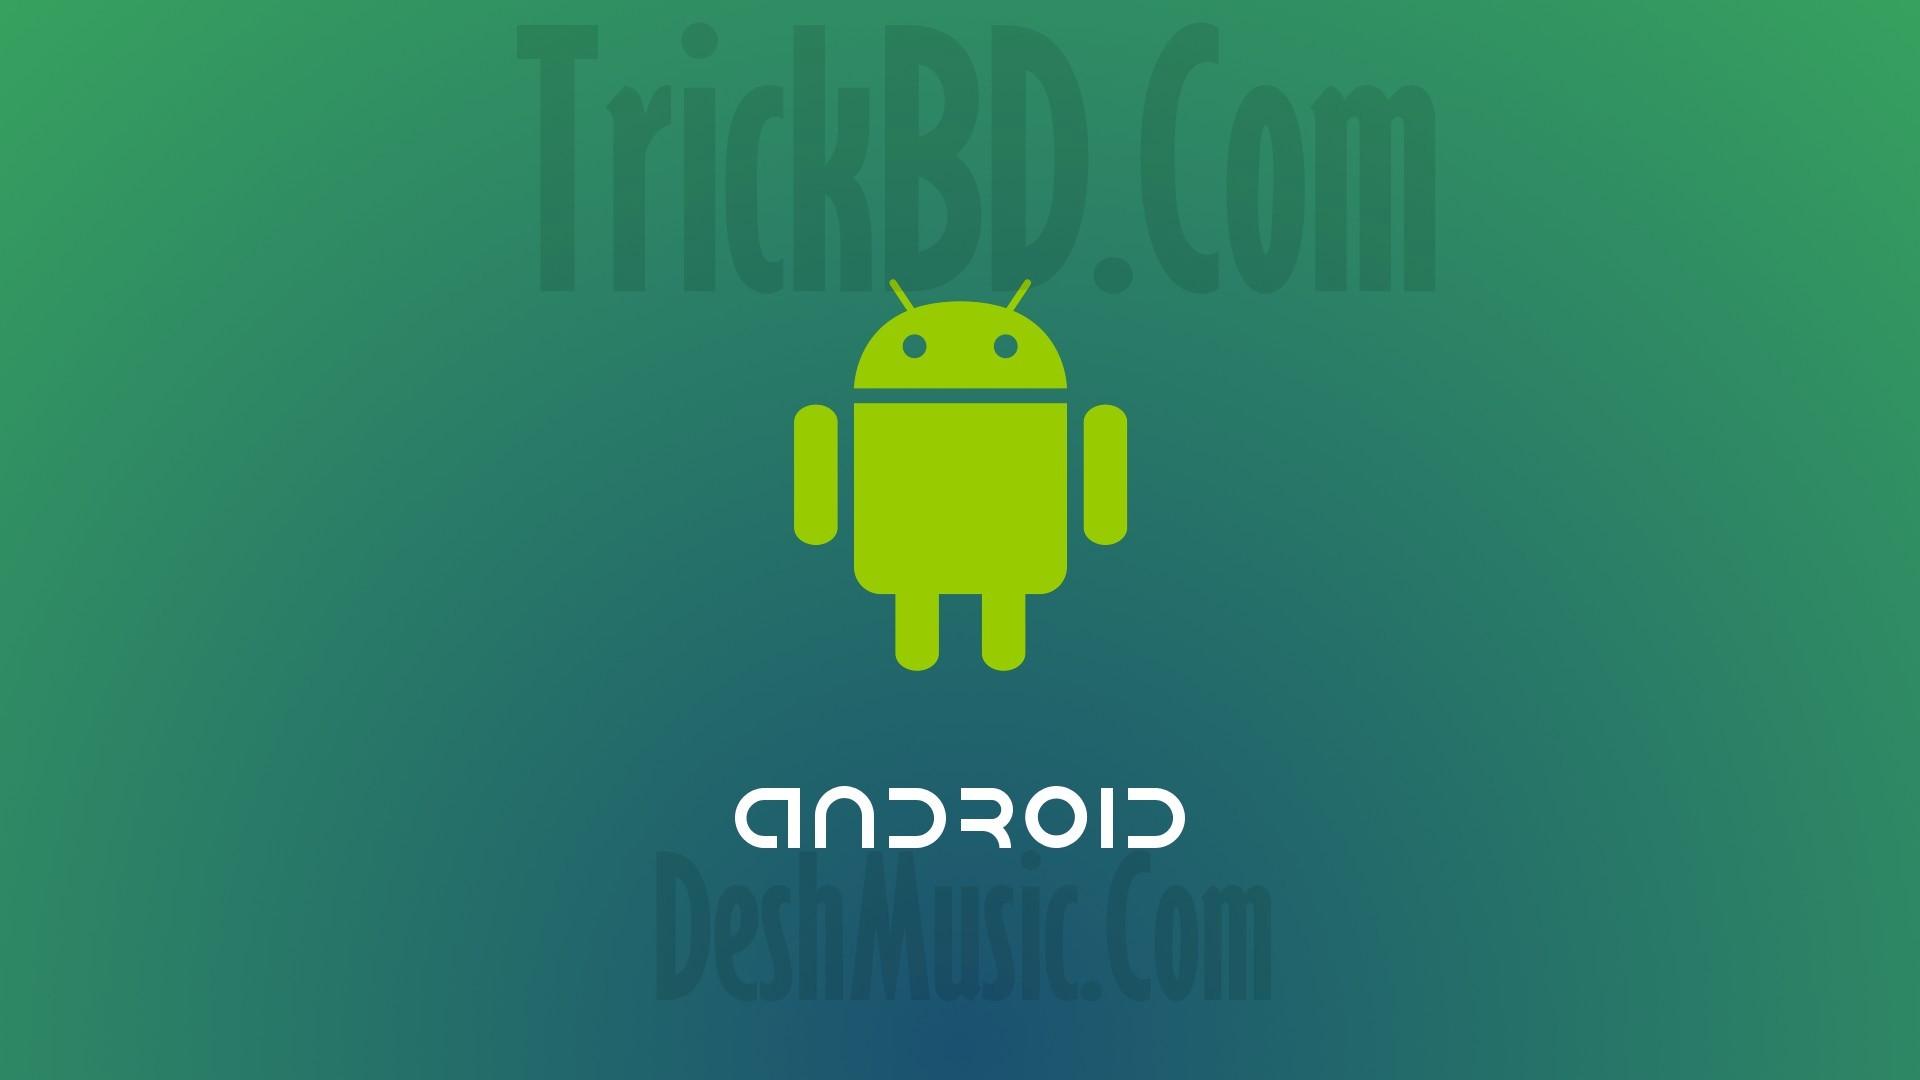 [Android Tips] দেখে নিন, যে কাজ গুলো শুধু এন্ড্রয়েডেই ডিবাইসেই সম্ভব কিন্তু অন্য কোন ডিবাইসে সম্ভব নয়।